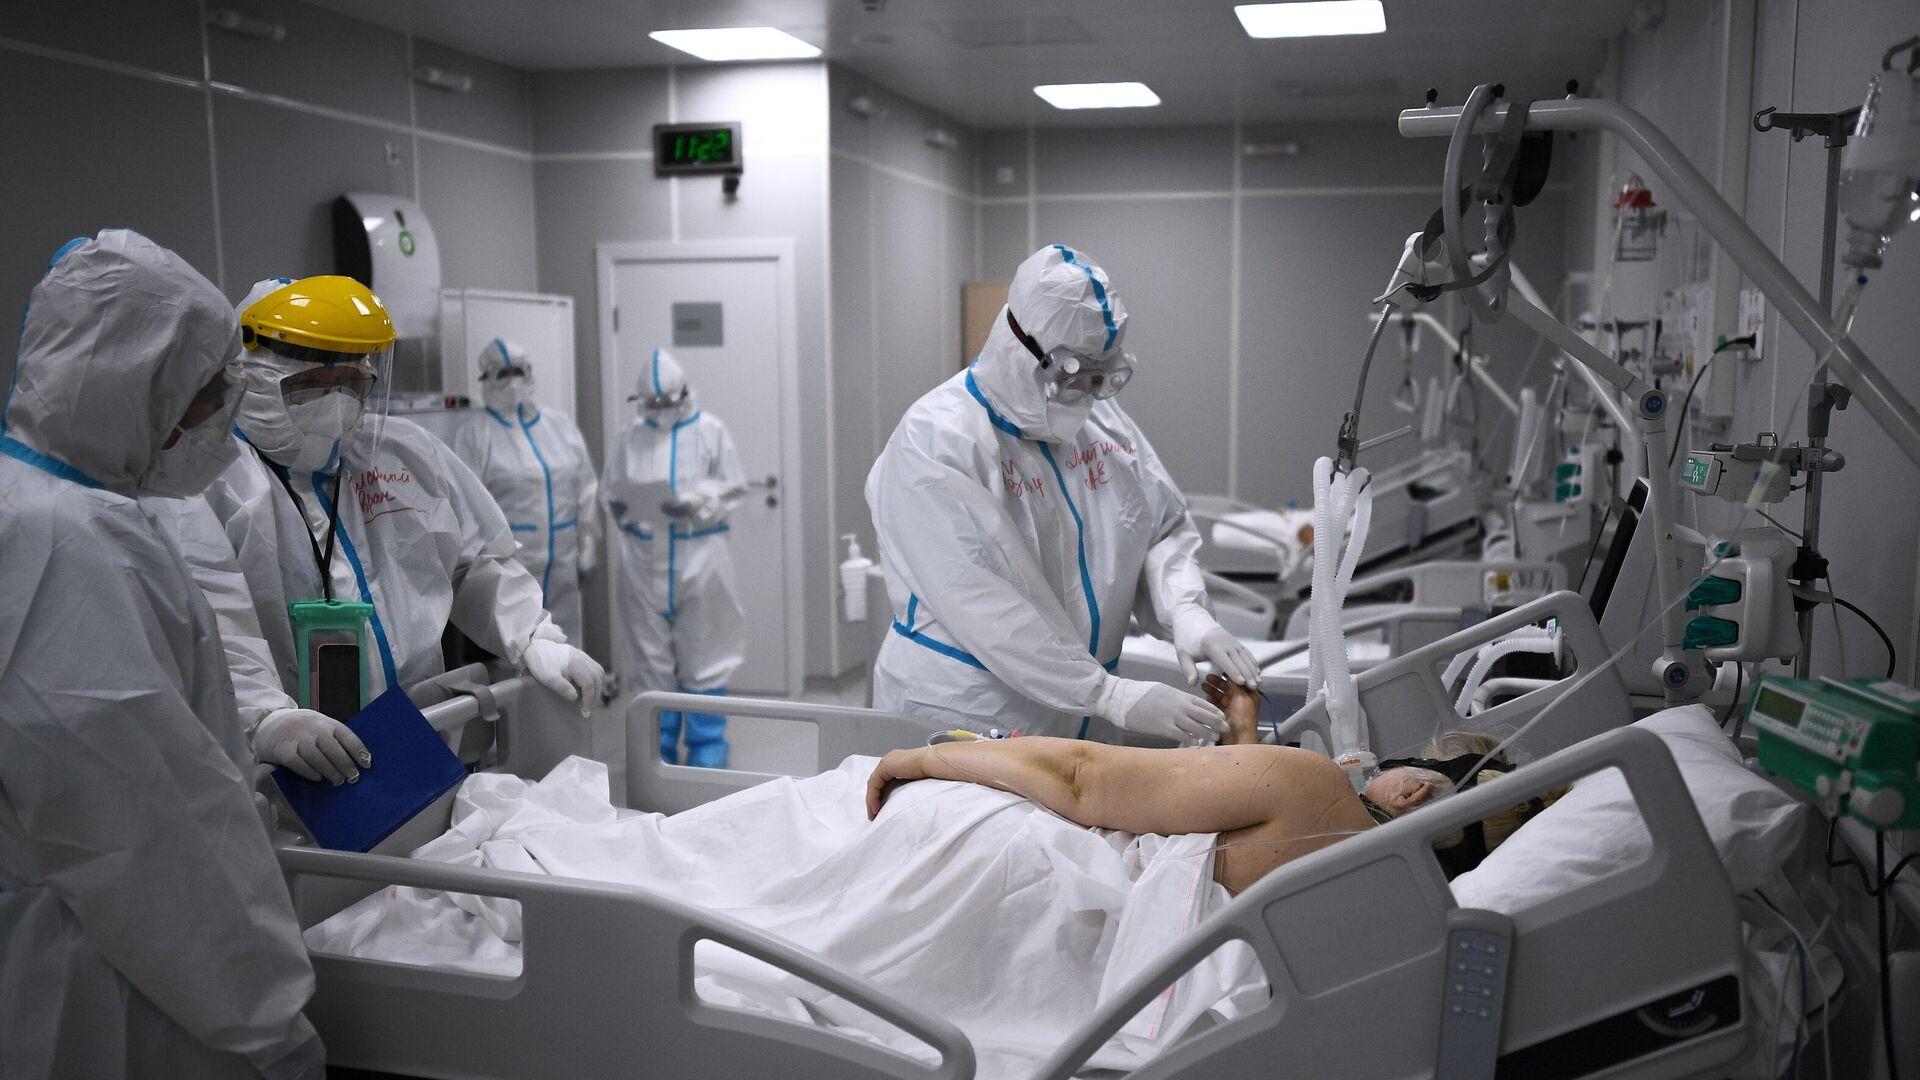 Медицинские работники во временном госпитале для пациентов с COVID-19 в Сокольниках - РИА Новости, 1920, 14.10.2020